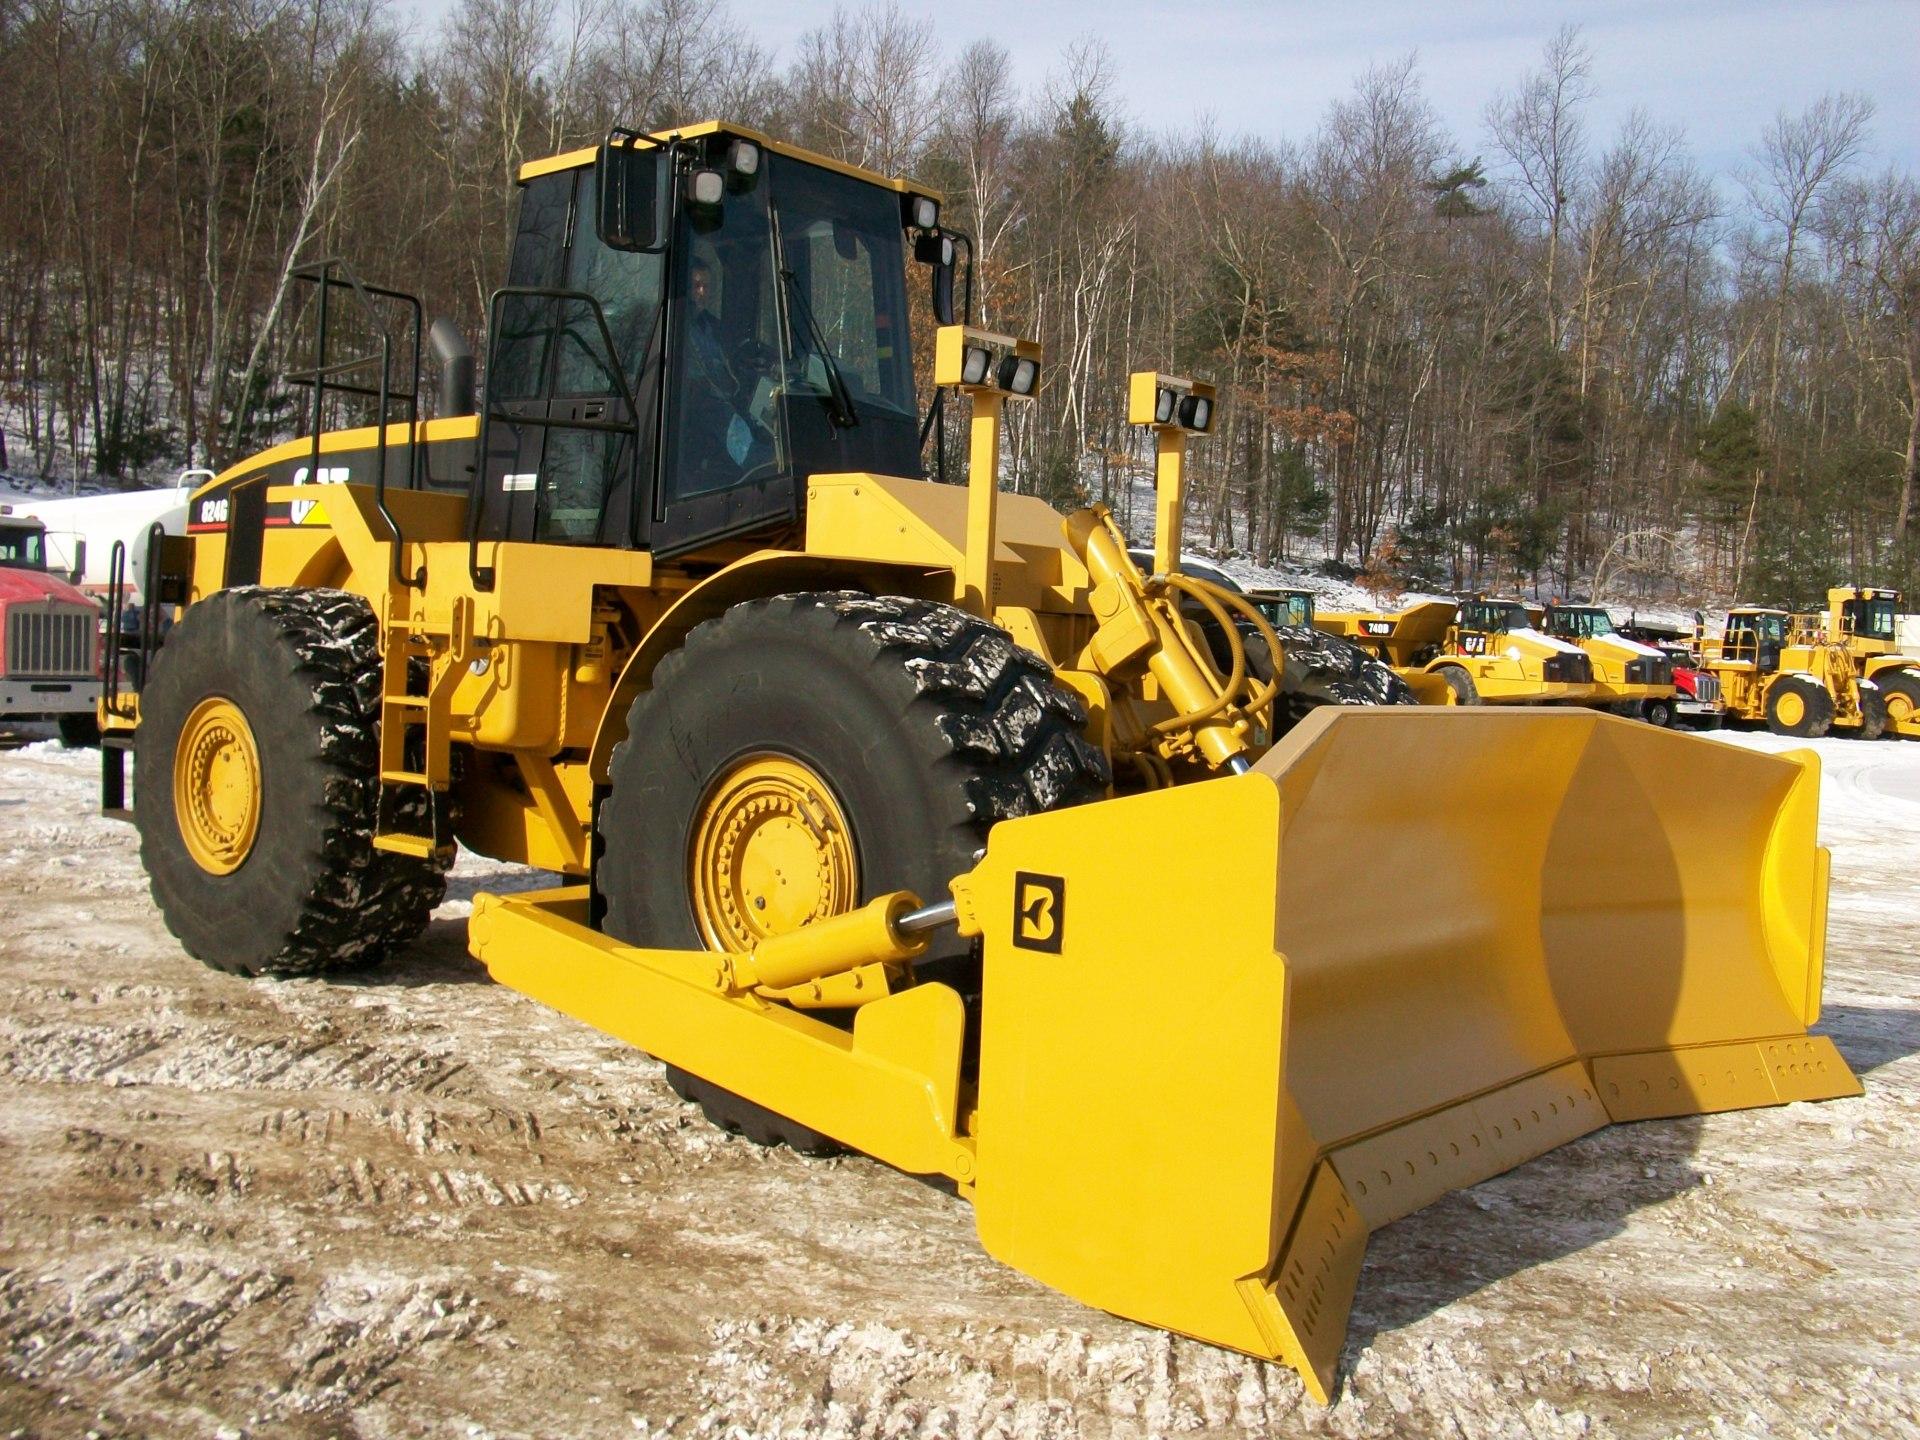 2002 CAT 824G, $250,000